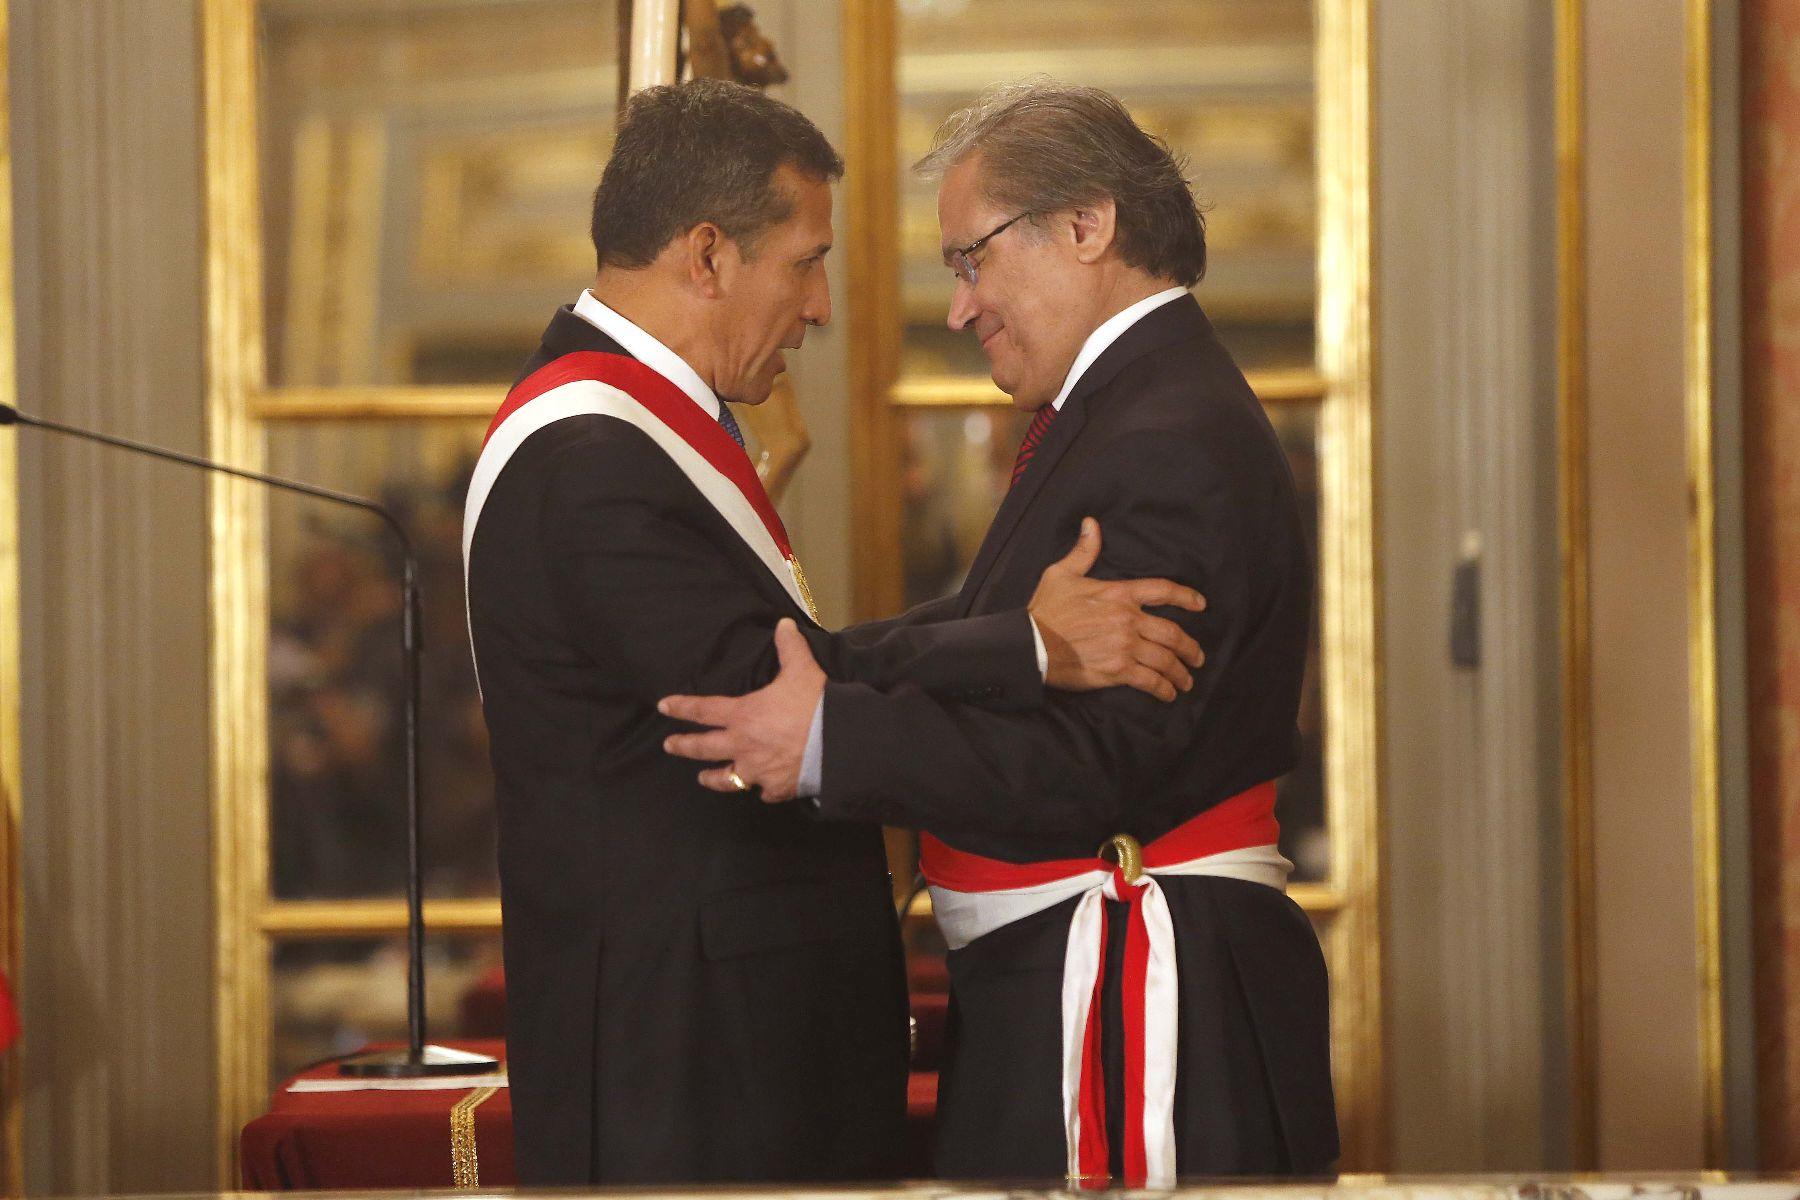 Walter alb n jur como nuevo ministro del interior for Nuevo ministro del interior peru